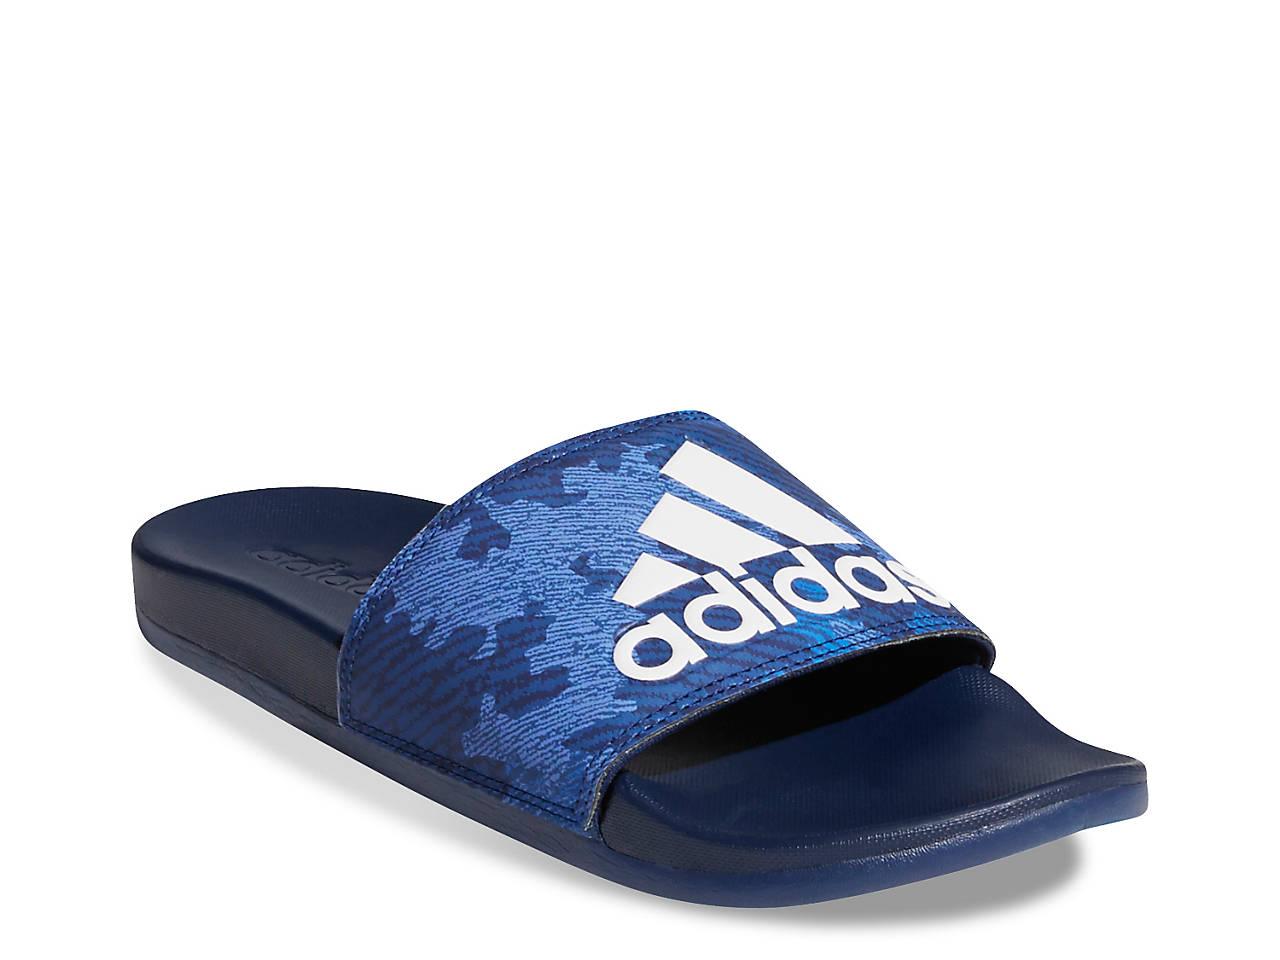 Adidas Adilette By blue sandals